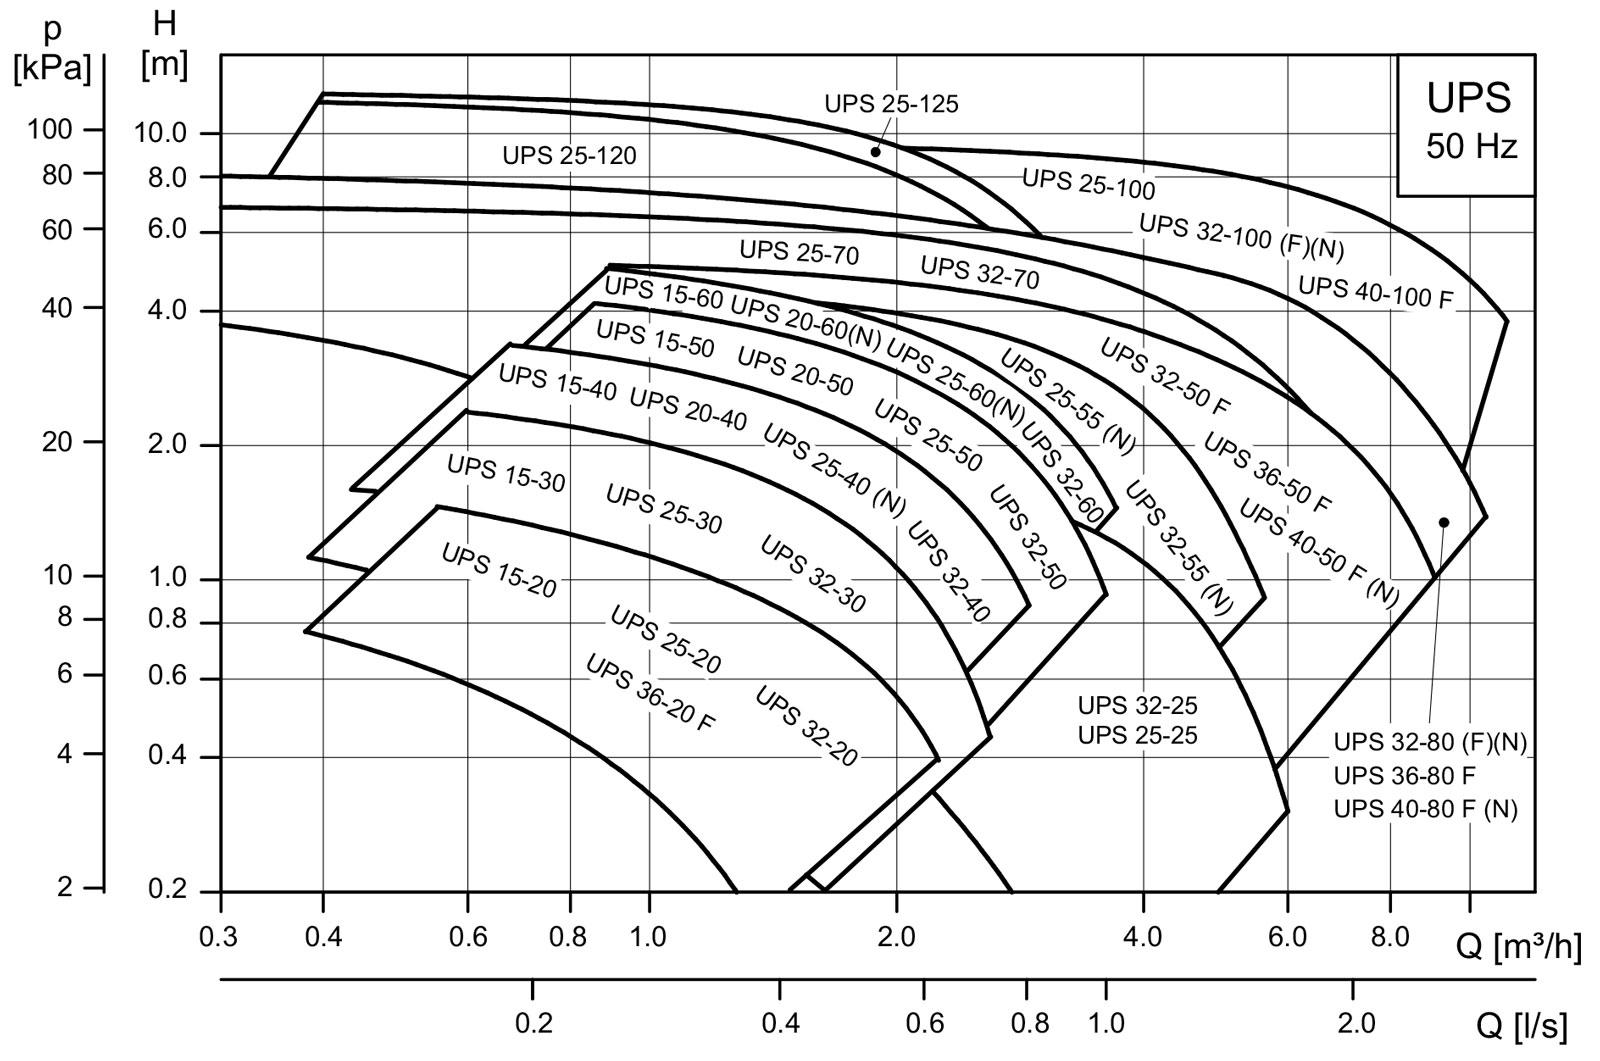 منحنی مشخصه پمپ گراندفوس مدل UPS series 100